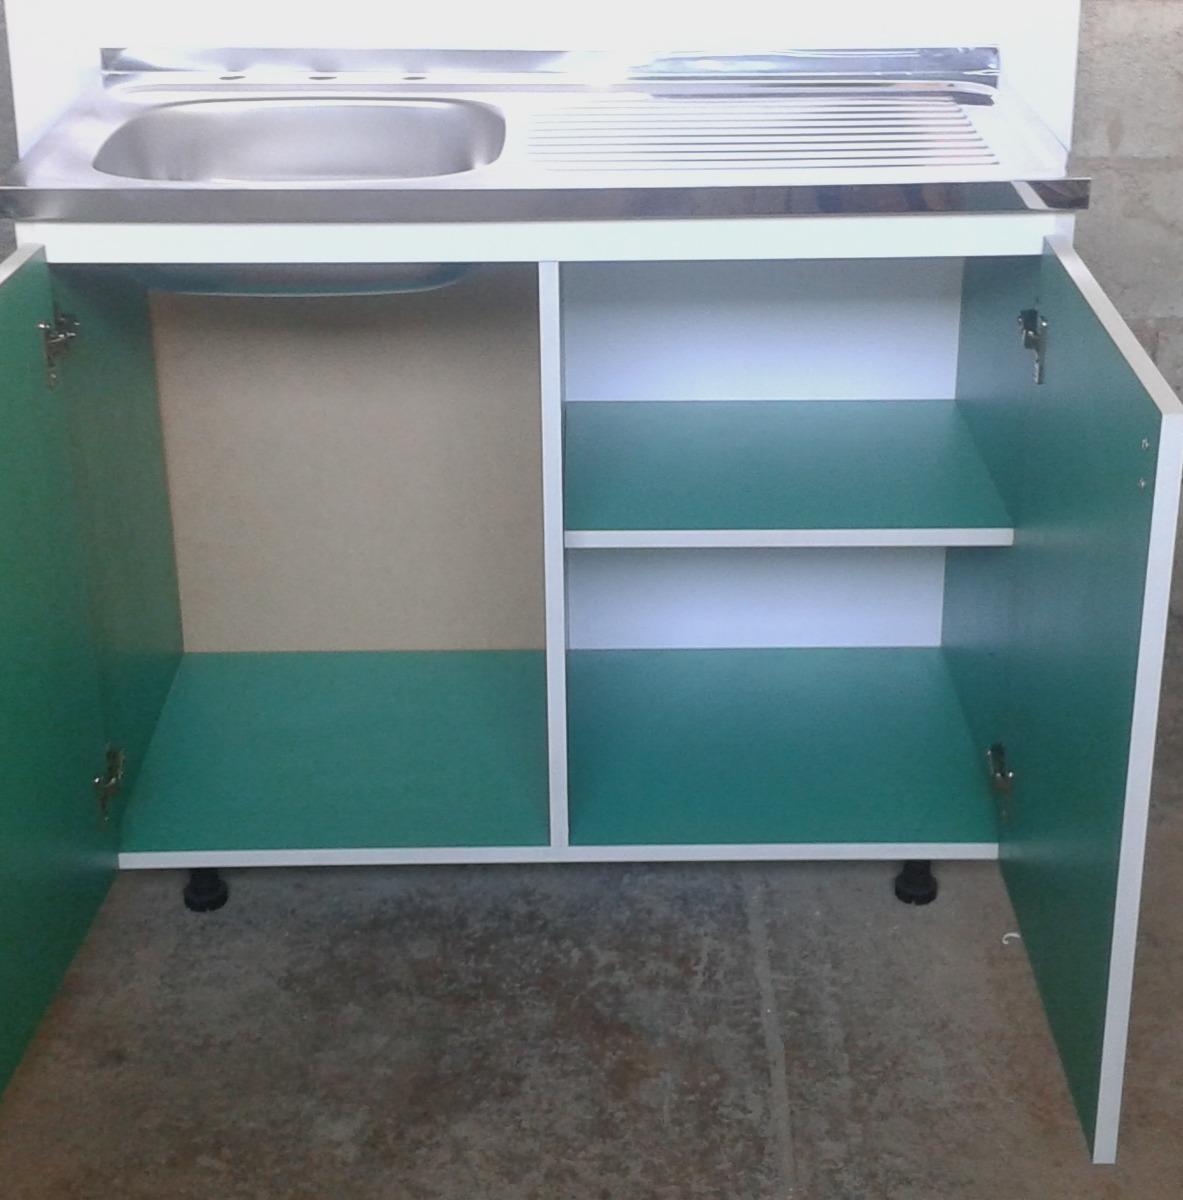 Juego de muebles para cocina de 1 metro oferta bs 63 for Muebles de cocina 1 metro